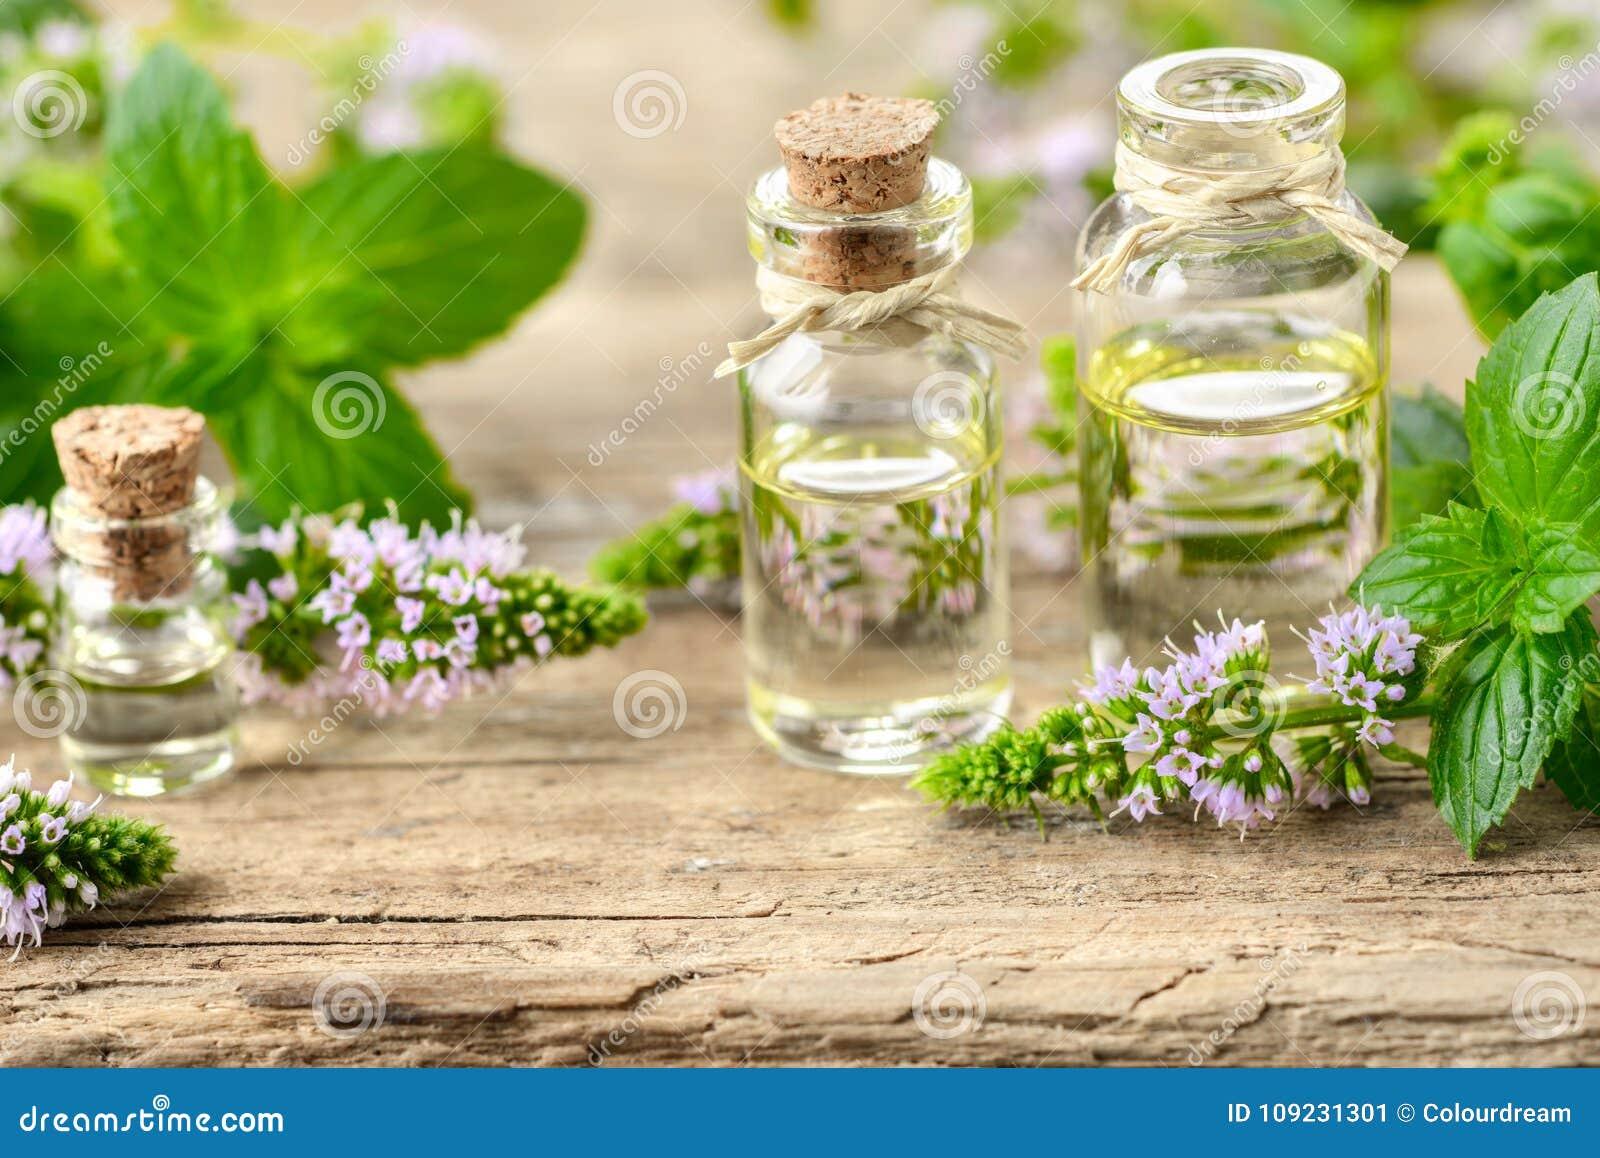 Miętówka istotny olej i miętówka kwiaty na drewnianej desce